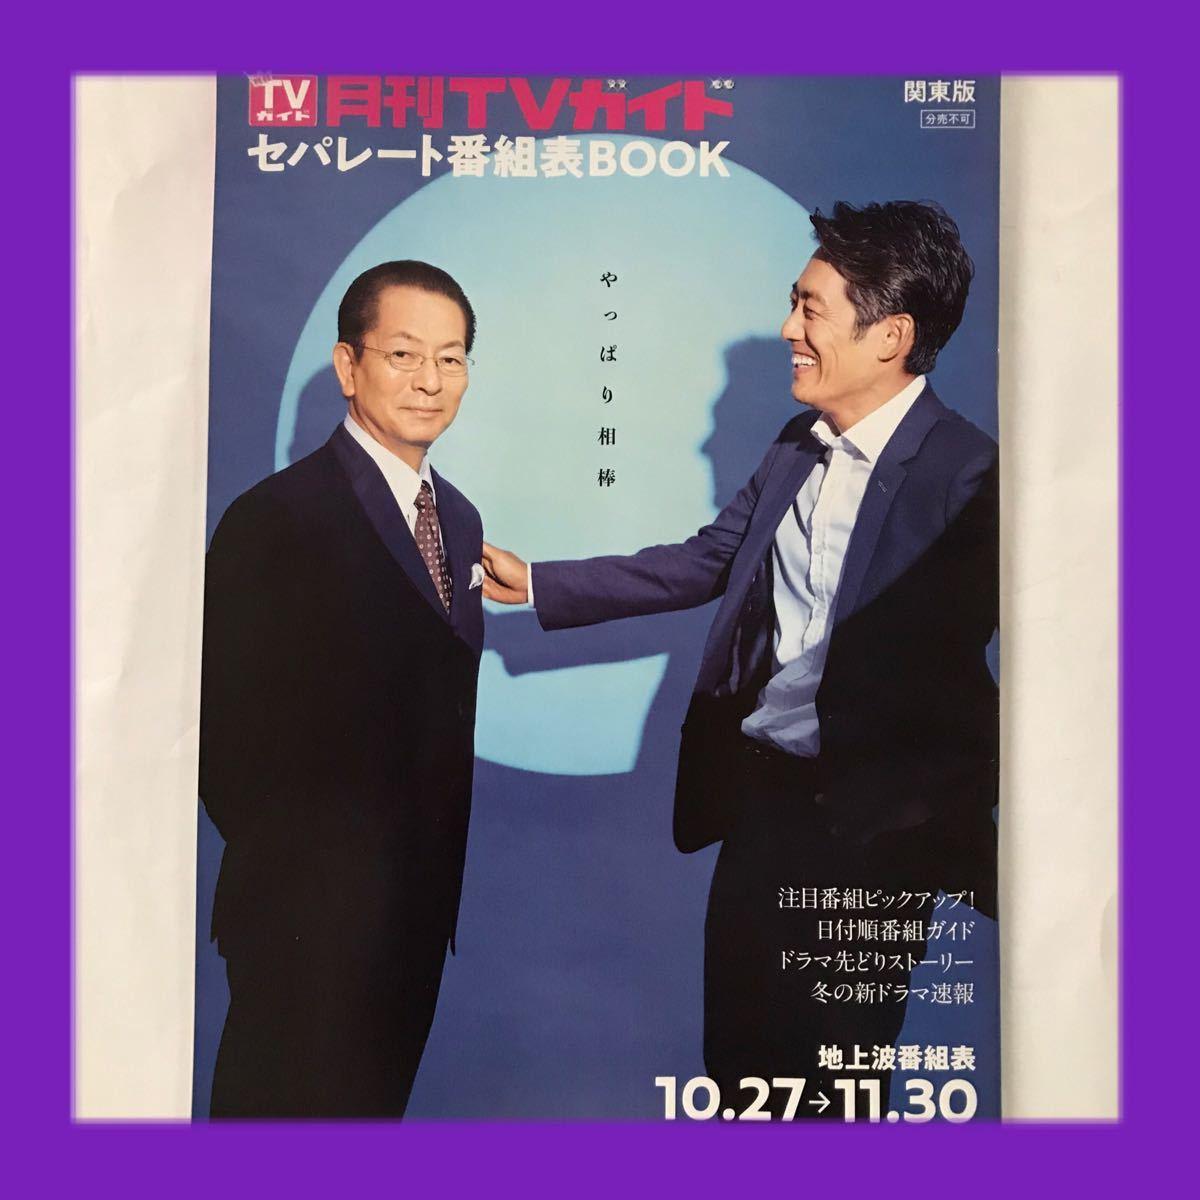 月刊テレビガイド セパレート番組表BOOK